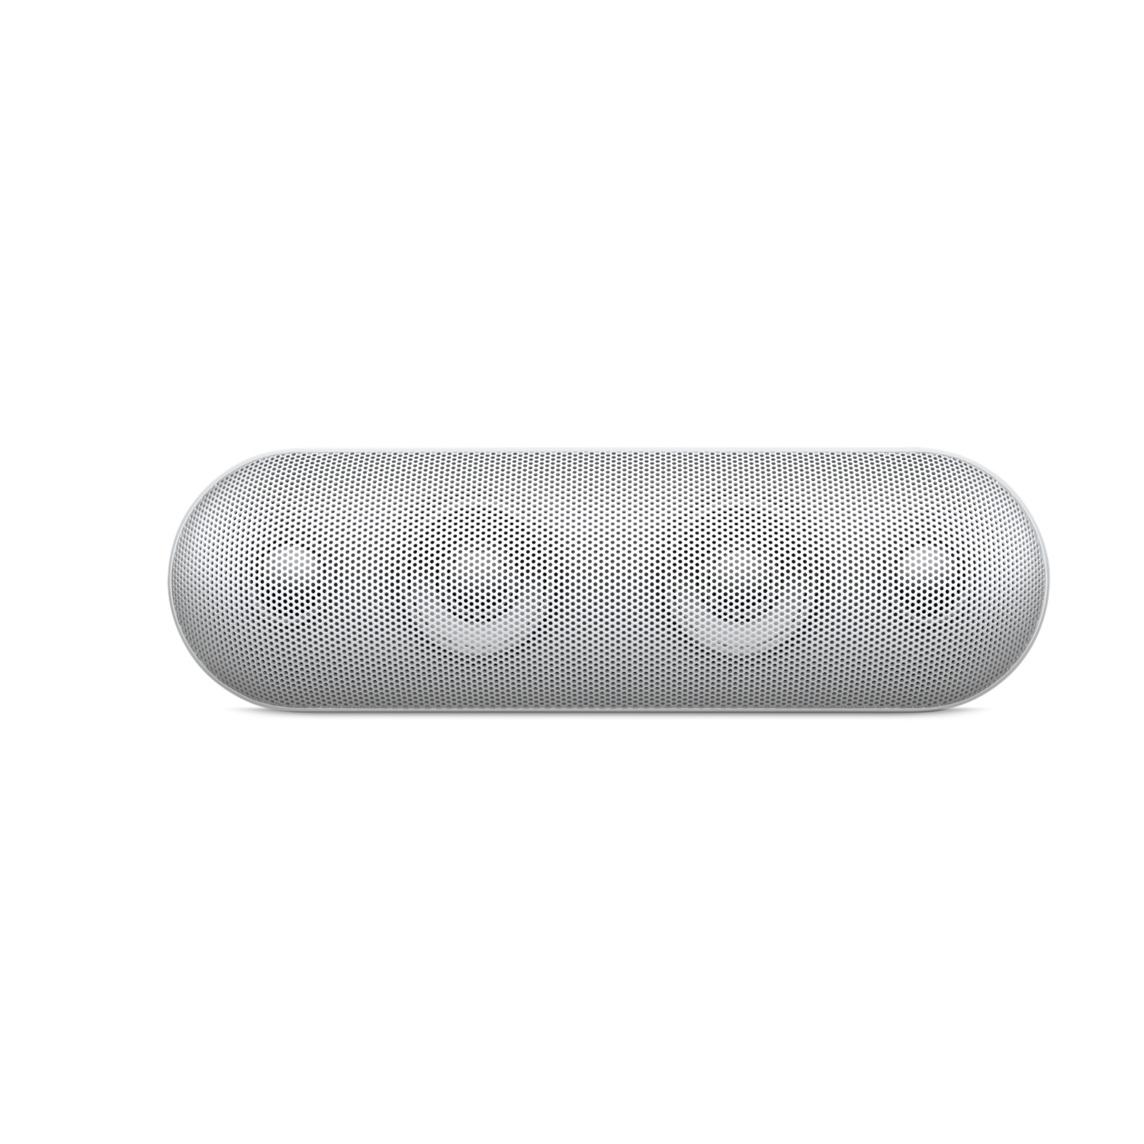 Beats Pill+ Portable Speaker White Speakers